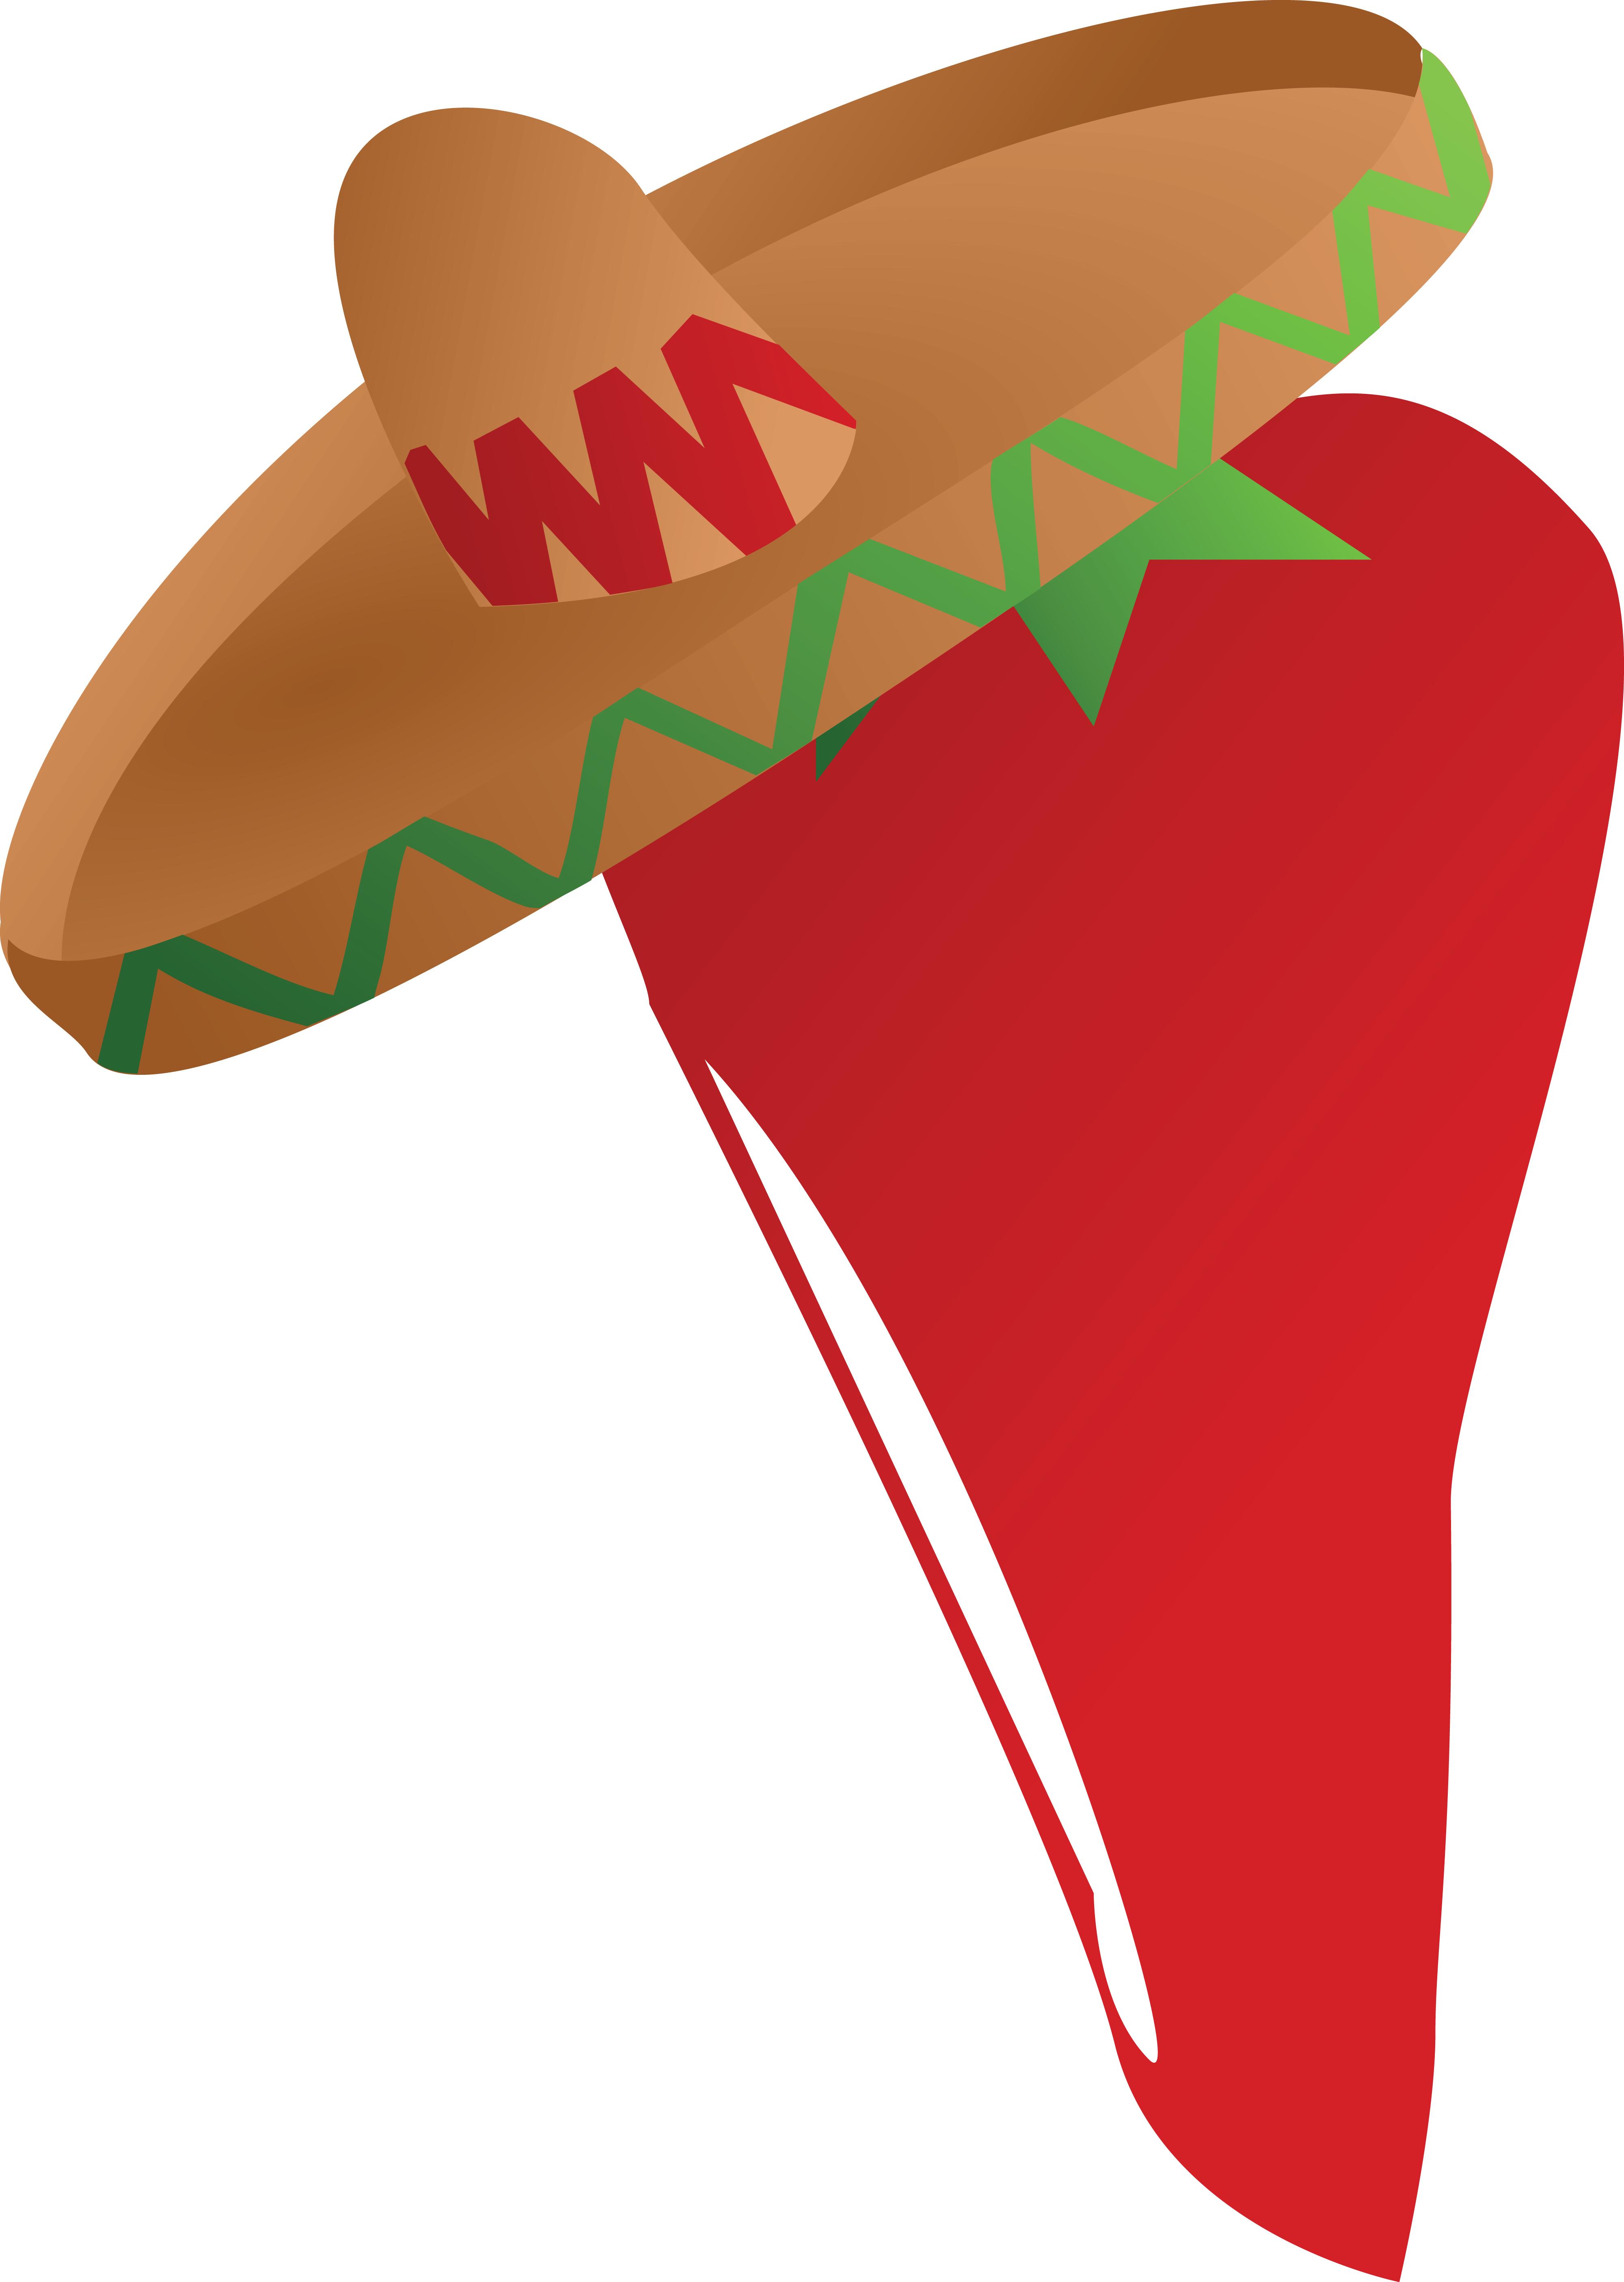 clipart of a mexican chili pepper wearing a sombrero hat rh free clipartof com chili pepper free clipart cartoon chili pepper clip art free